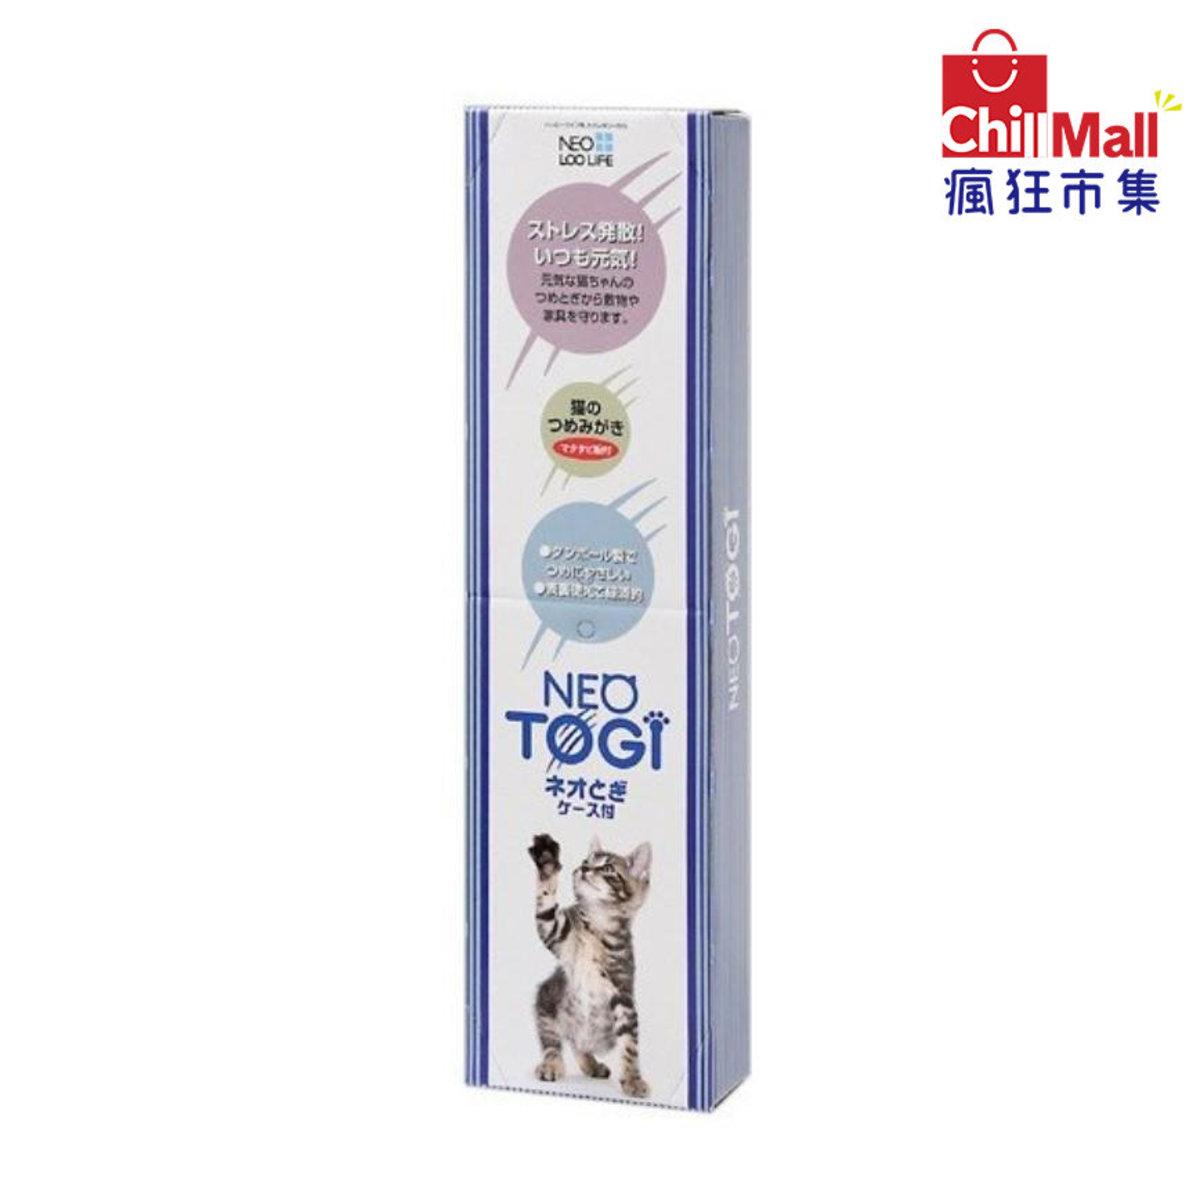 日本NEO TOGI 貓咪至愛貓抓板 1個入 6205775